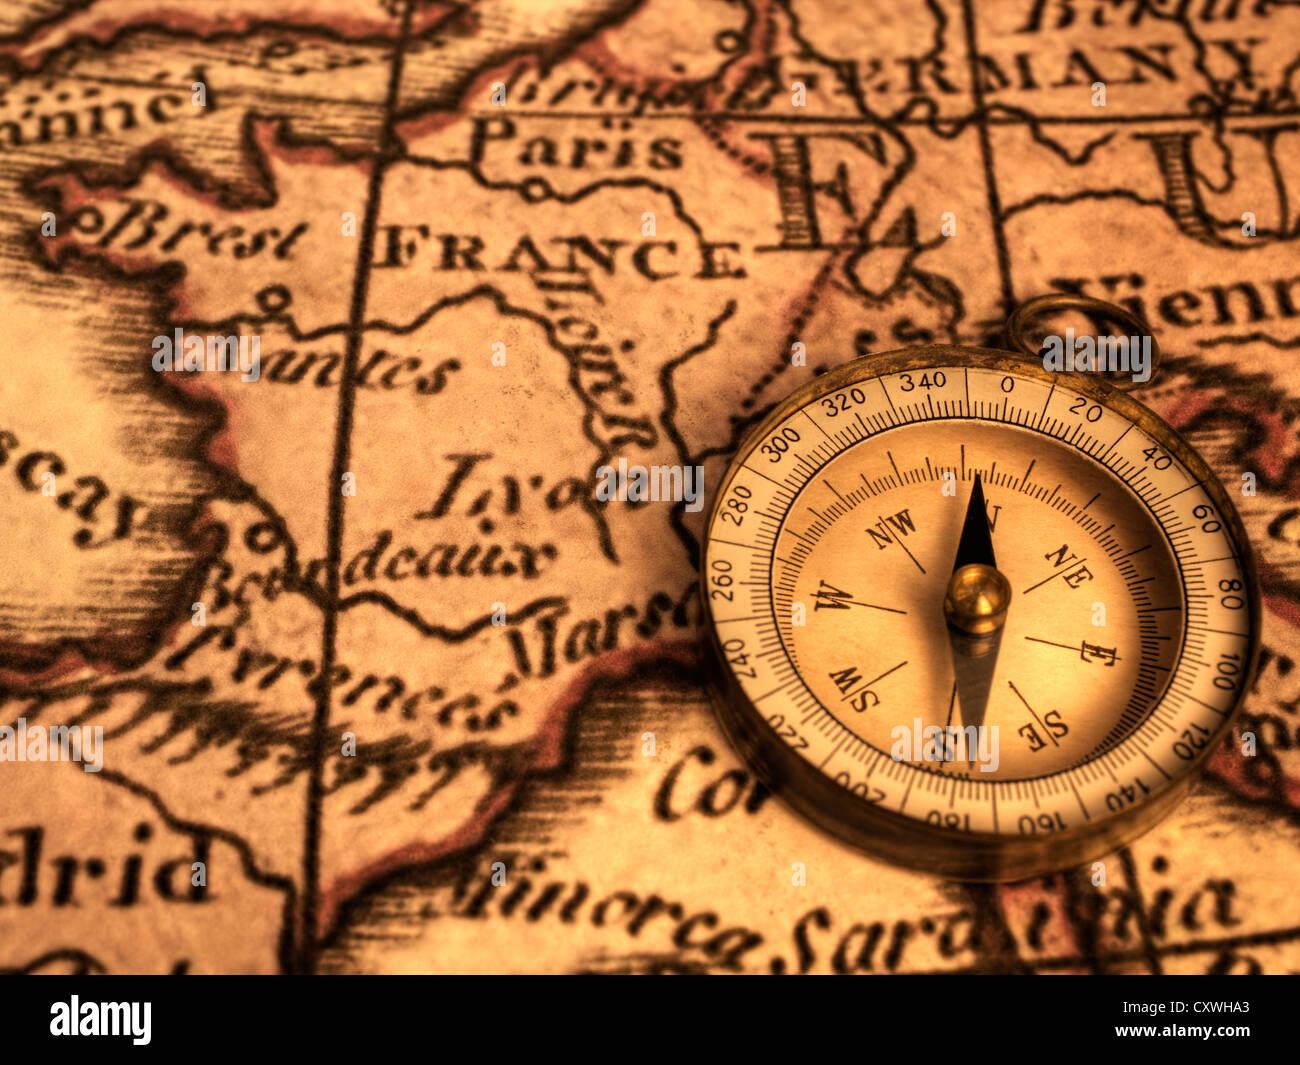 Vieux Grungey boussole et carte de France. La carte est de 1786 et est en dehors du droit d'auteur. Photo Stock